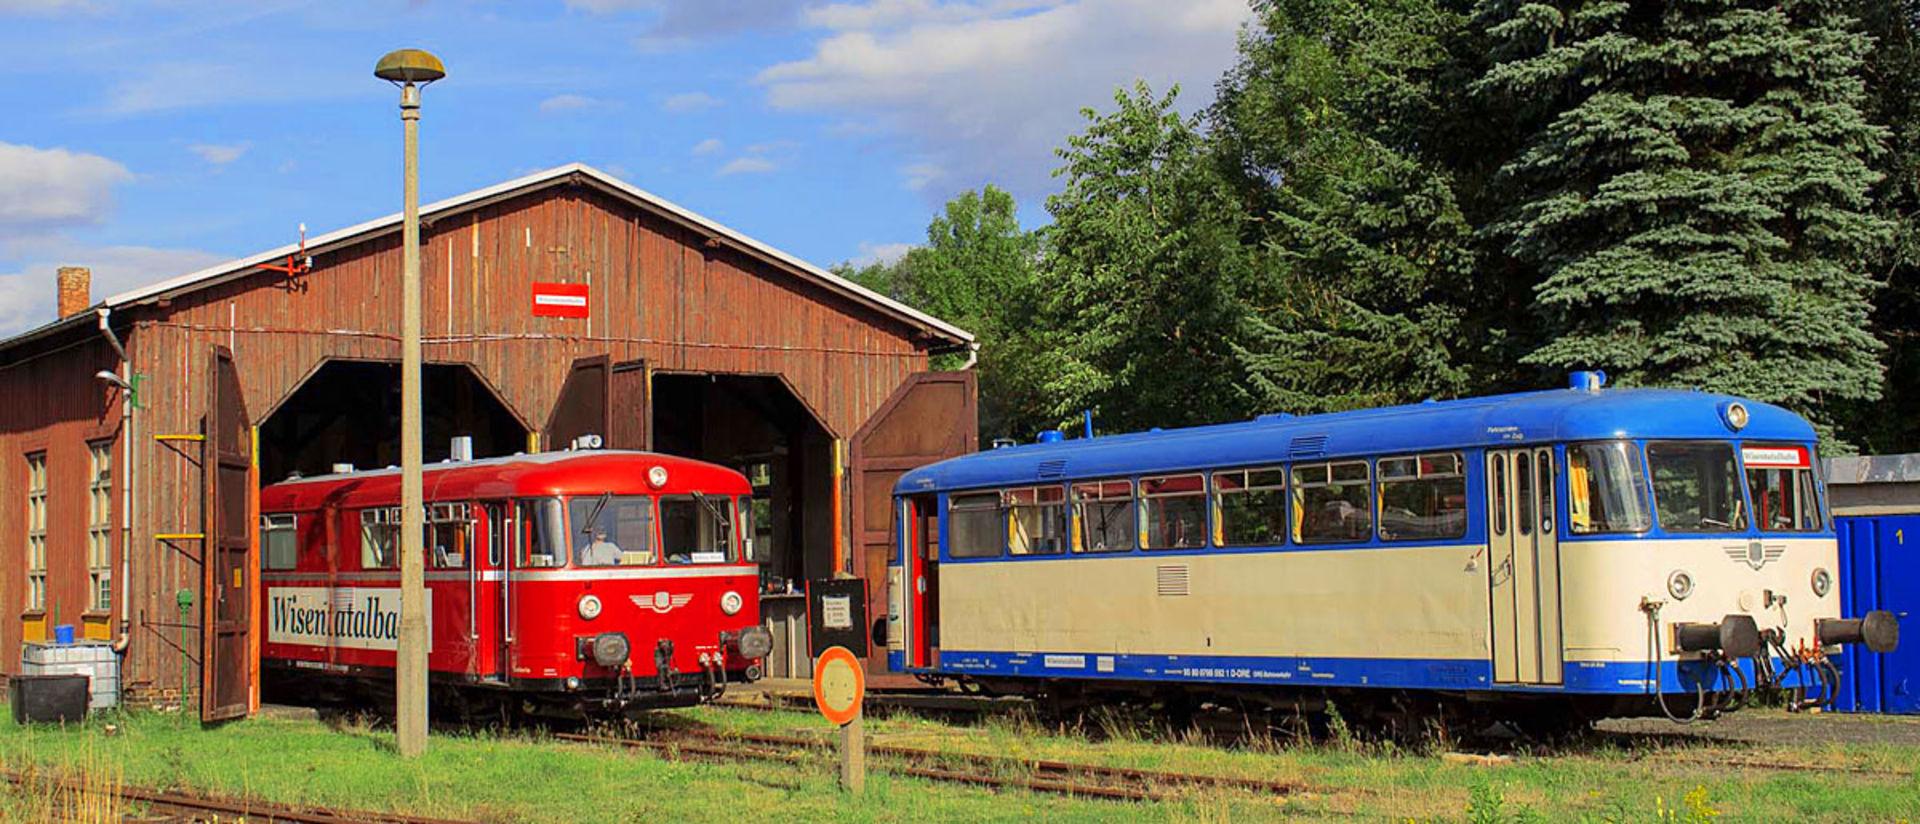 Lokschuppen mit den Fahrzeugen der Wisentatalbahn.  © Pressebilder Förderverein Wisentatalbahn e.V. - St. Pötzscher